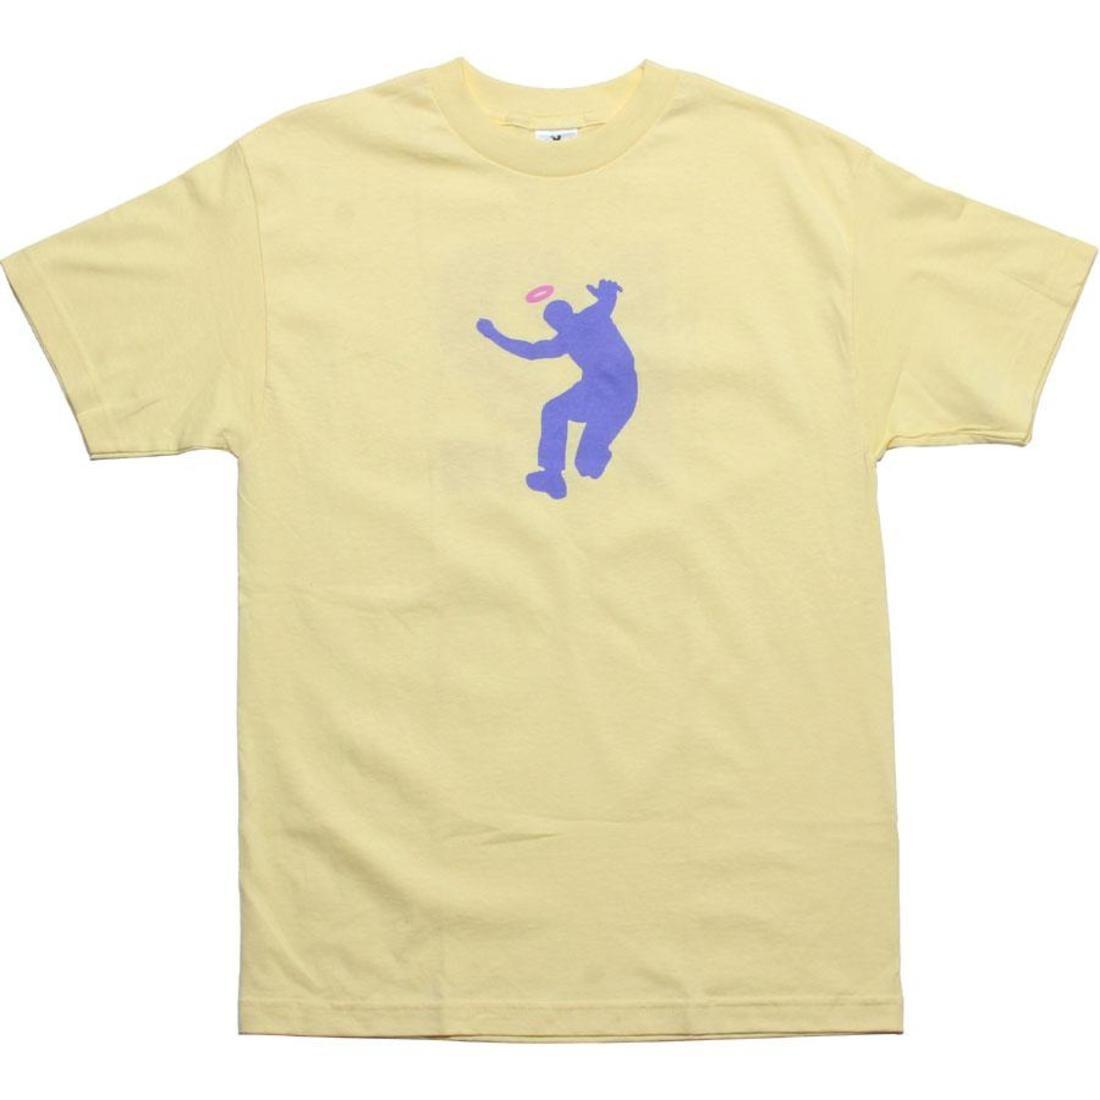 ユニオン ロゴ Tシャツ 紫 パープル 黄色 イエロー ピンク 【 UNION PURPLE YELLOW PINK LOGO TEE 】 メンズファッション トップス Tシャツ カットソー